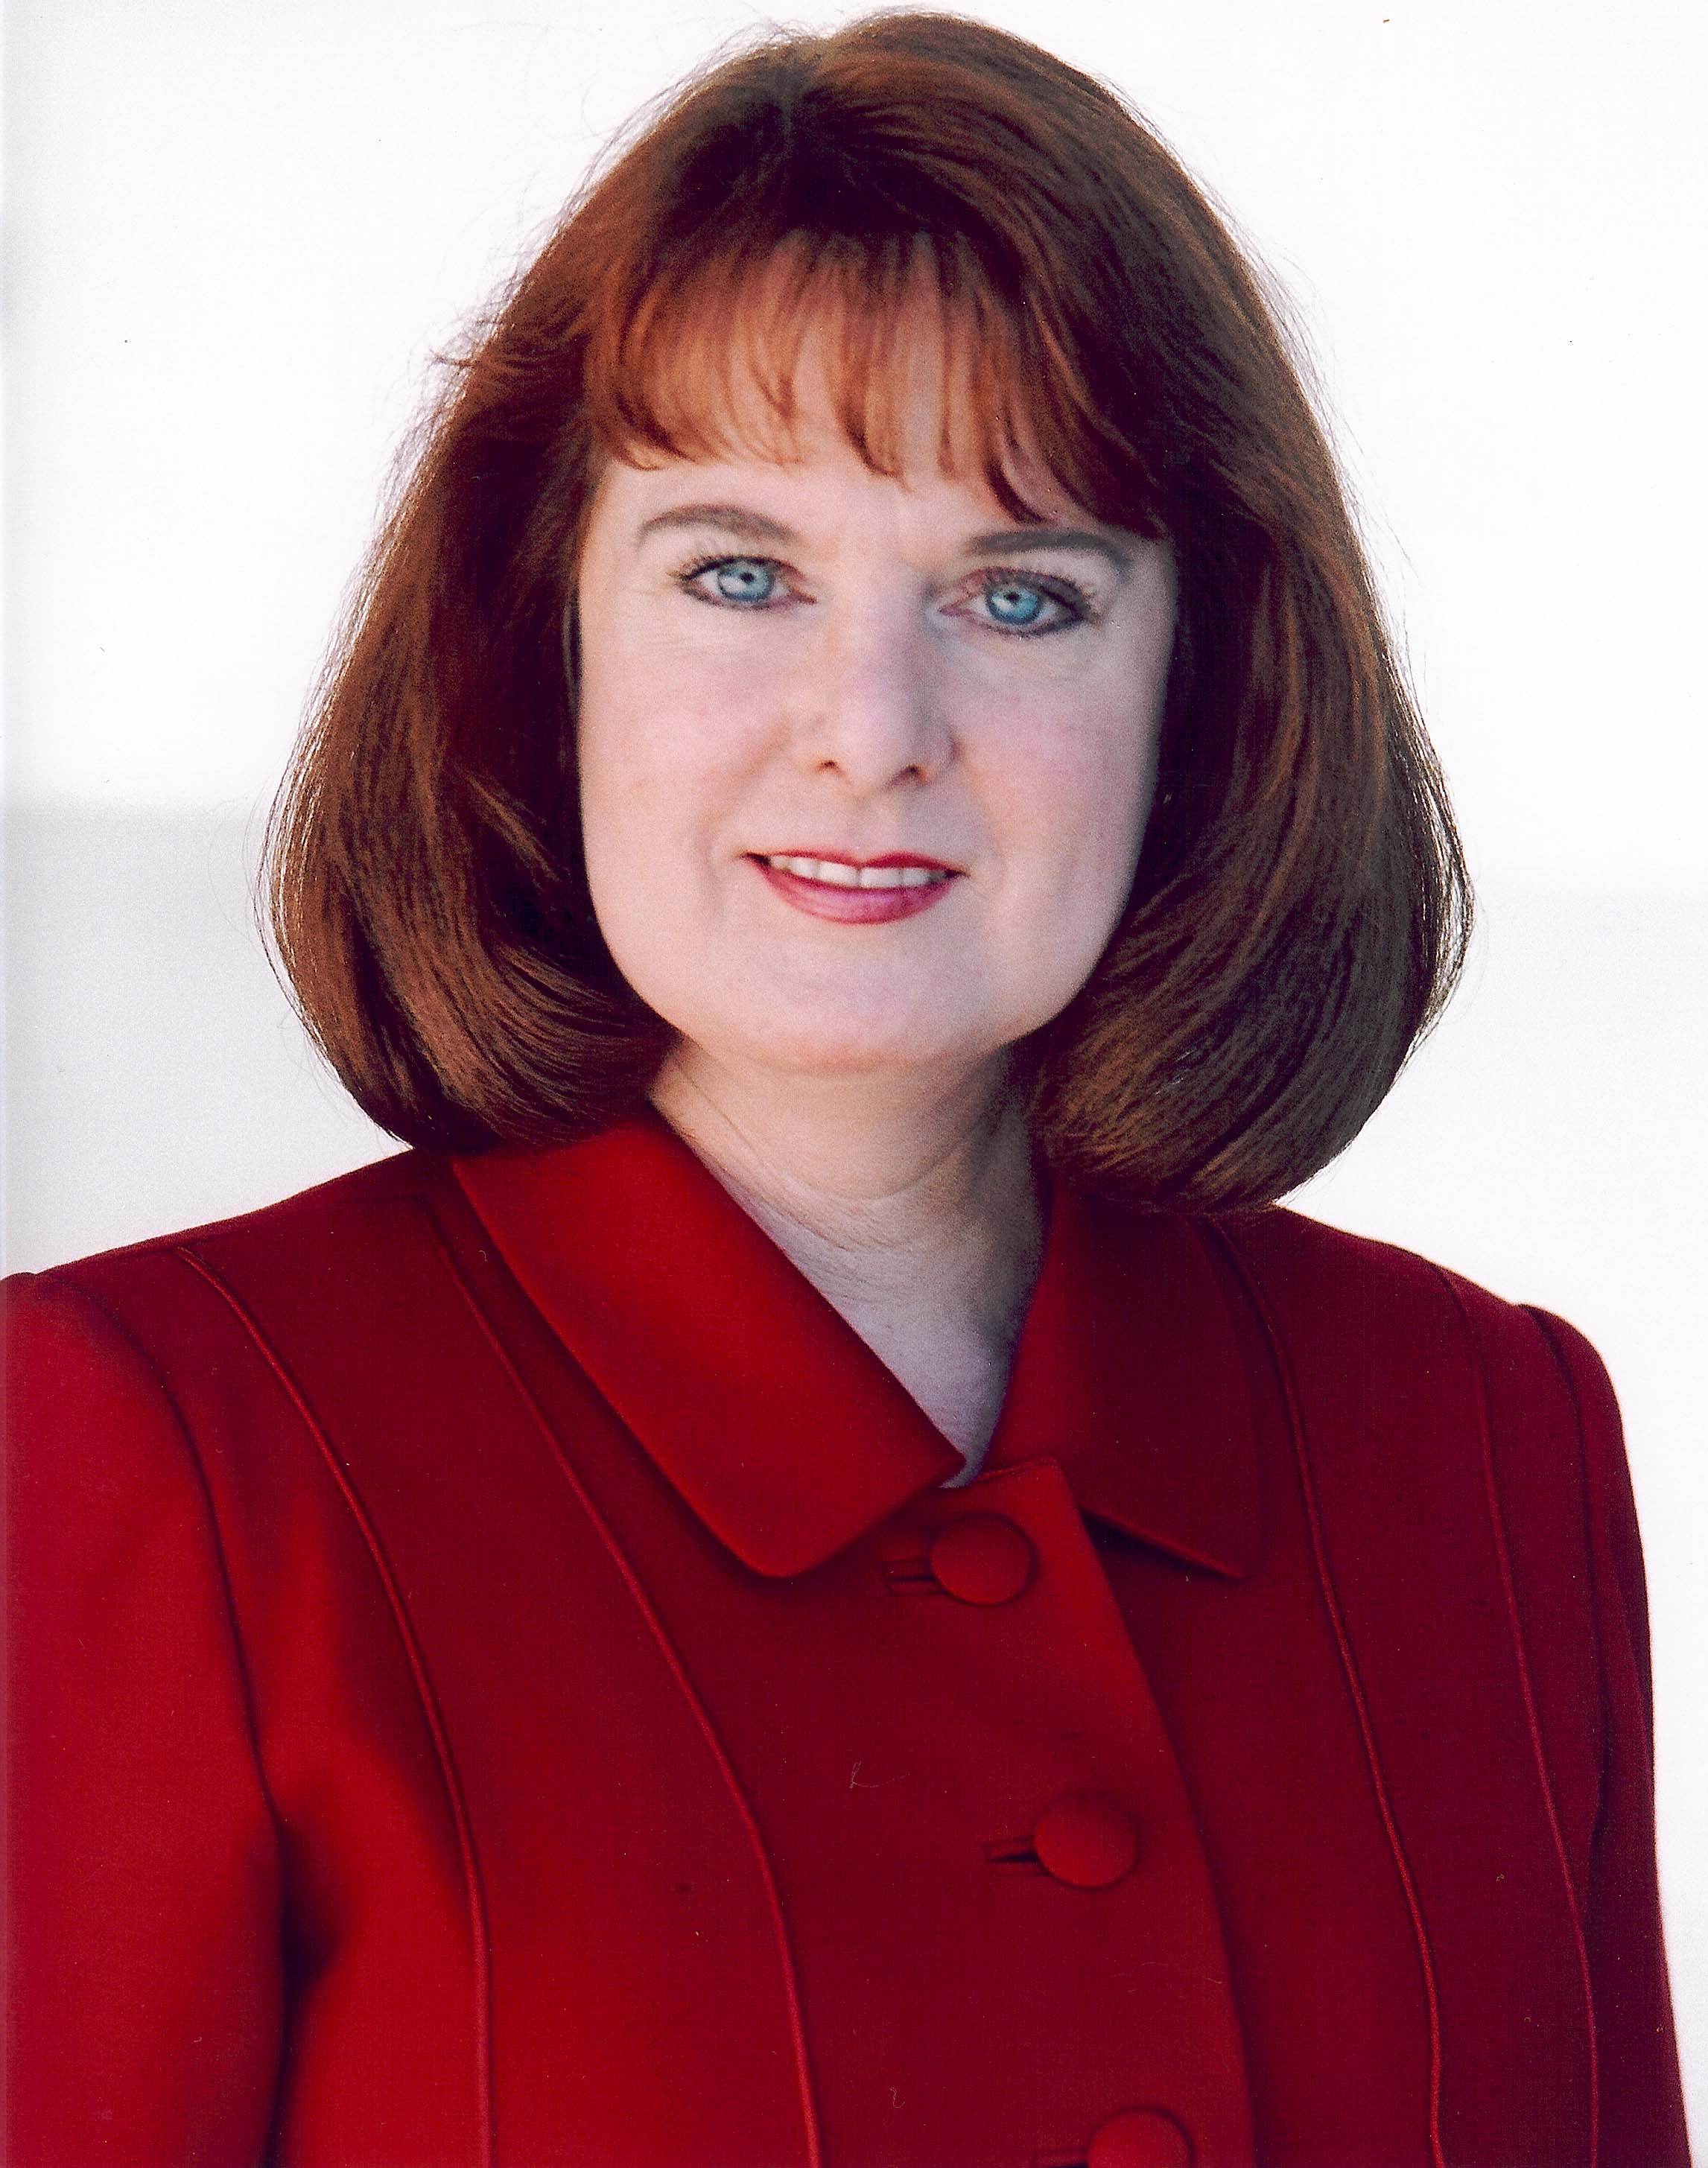 Sharon Diane King